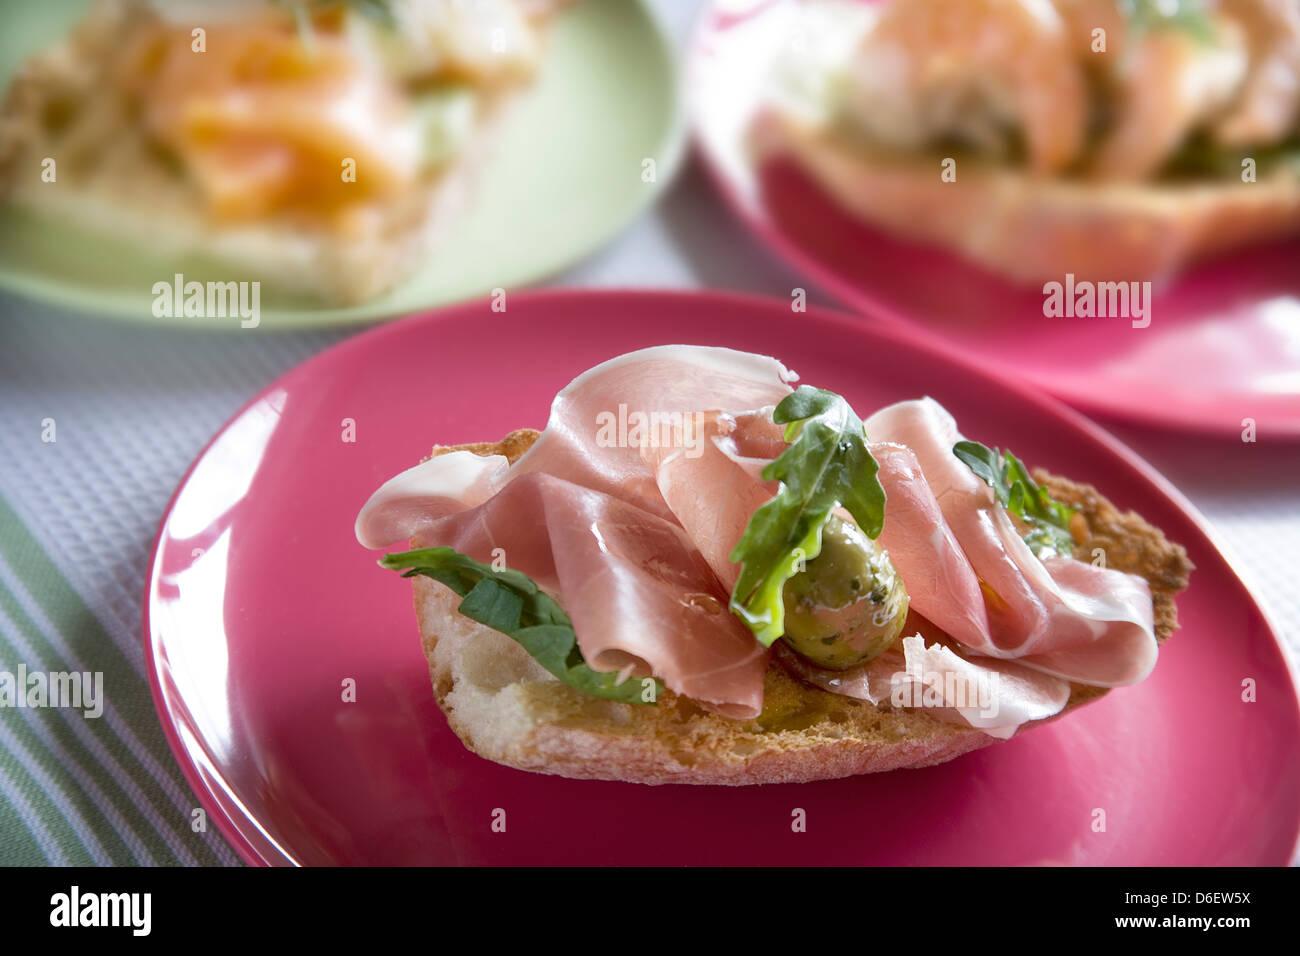 Rustikales Brot getoastet und mit dünn geschnittenem Schinken, grünen Oliven und Rucola garniert Stockbild